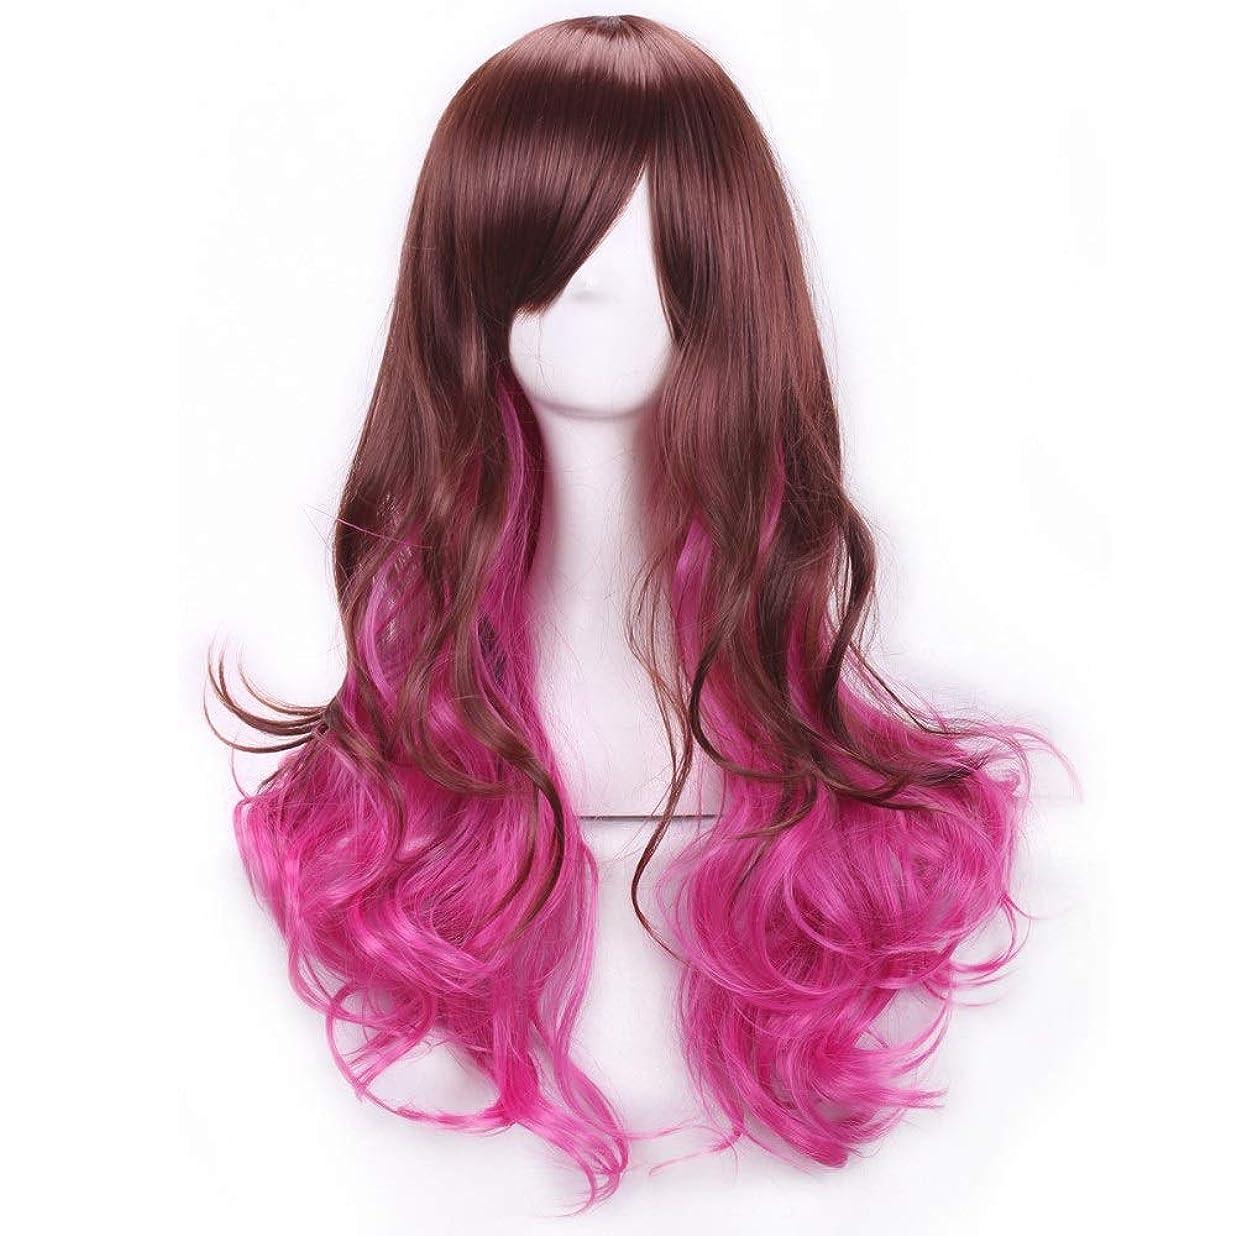 四分円プロット説明的かつらキャップでかつらファンシードレスカールかつら女性用高品質合成毛髪コスプレ高密度かつら女性&女の子用ブラウン、ピンク、パープル (Color : ピンク)